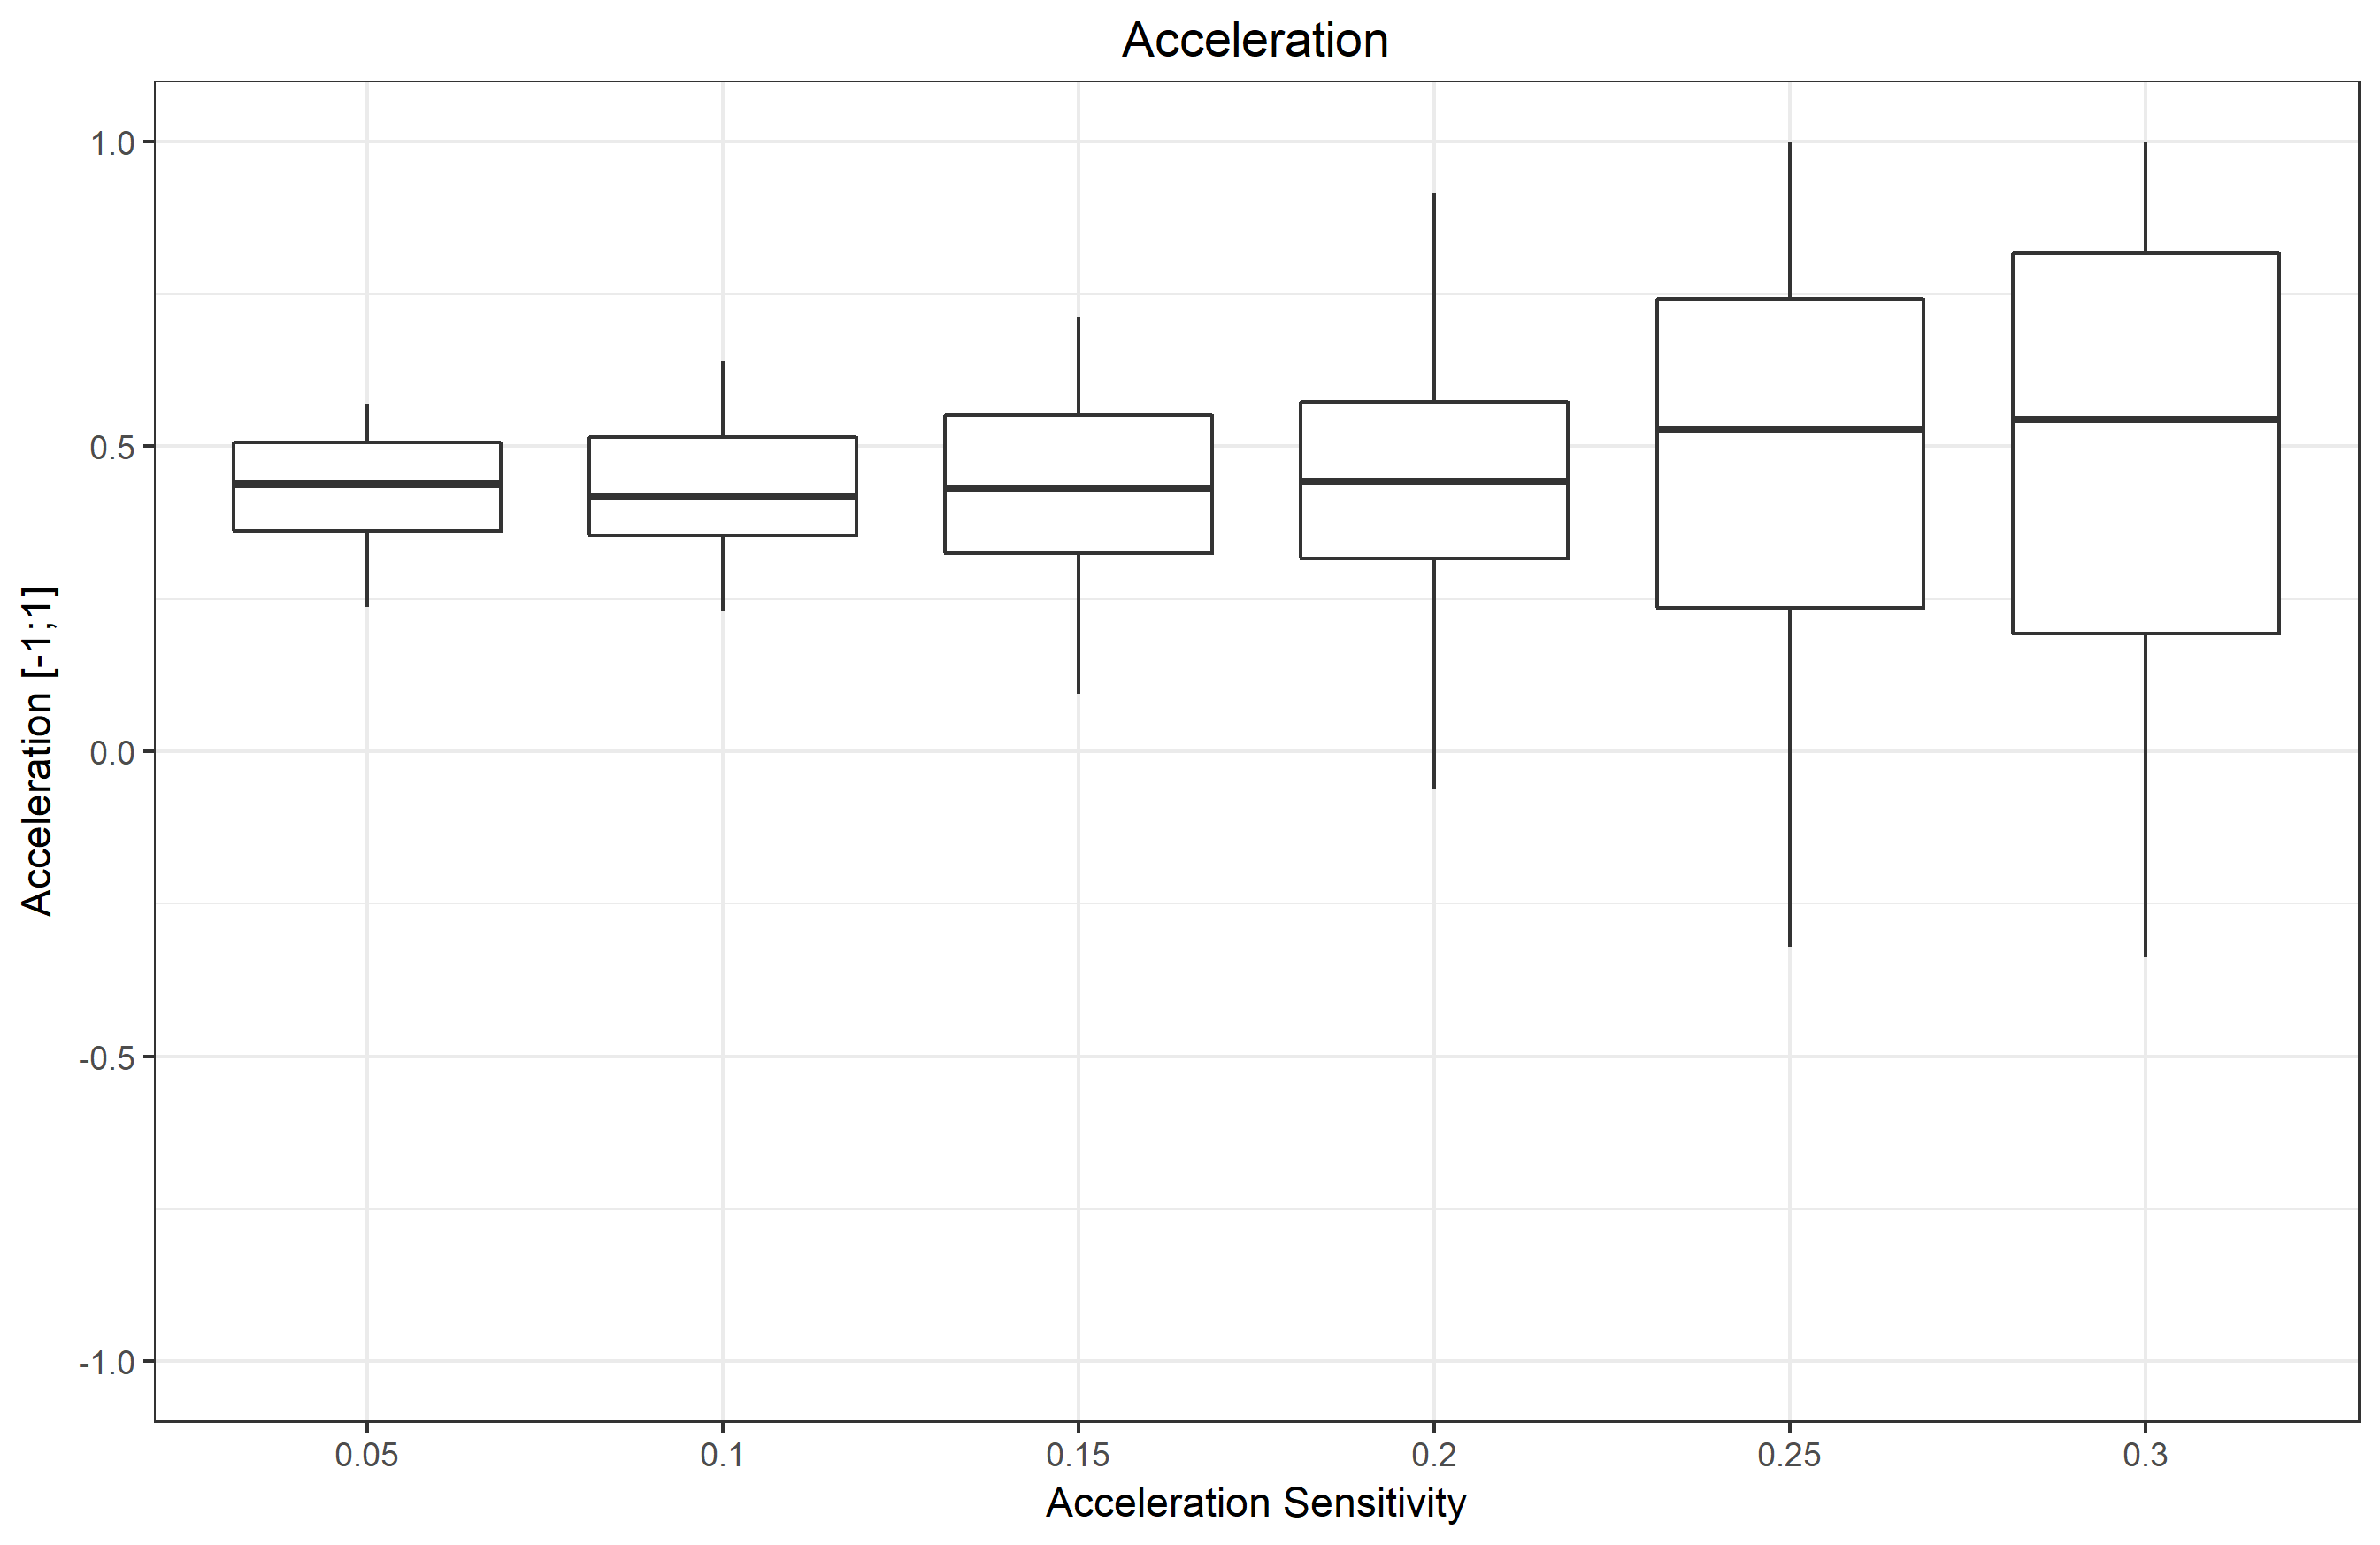 accelaration-boxplot.png